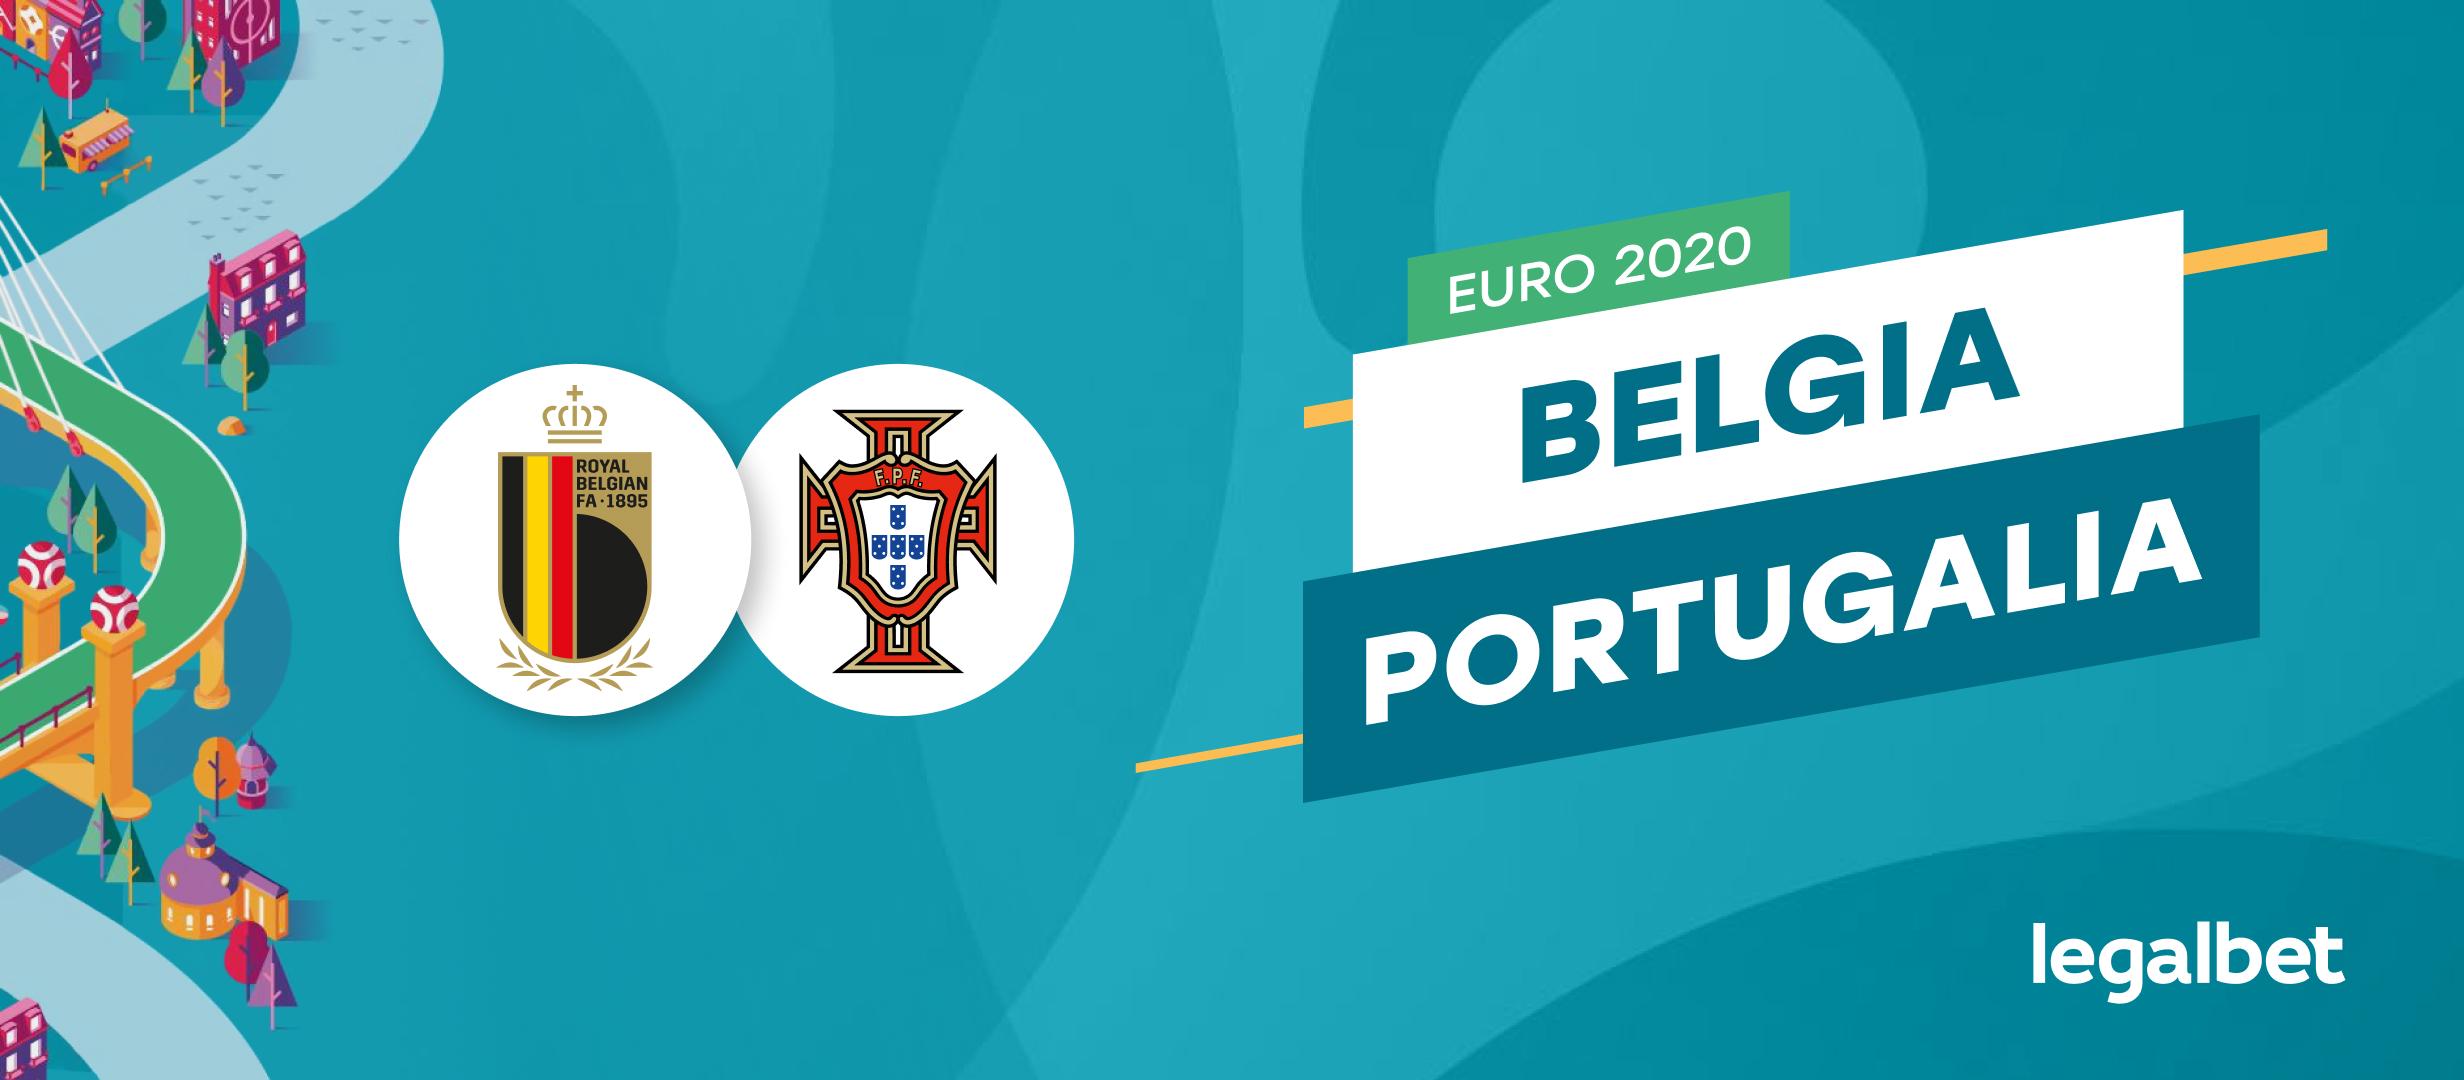 Belgia vs Portugalia – cote la pariuri, ponturi si informatii